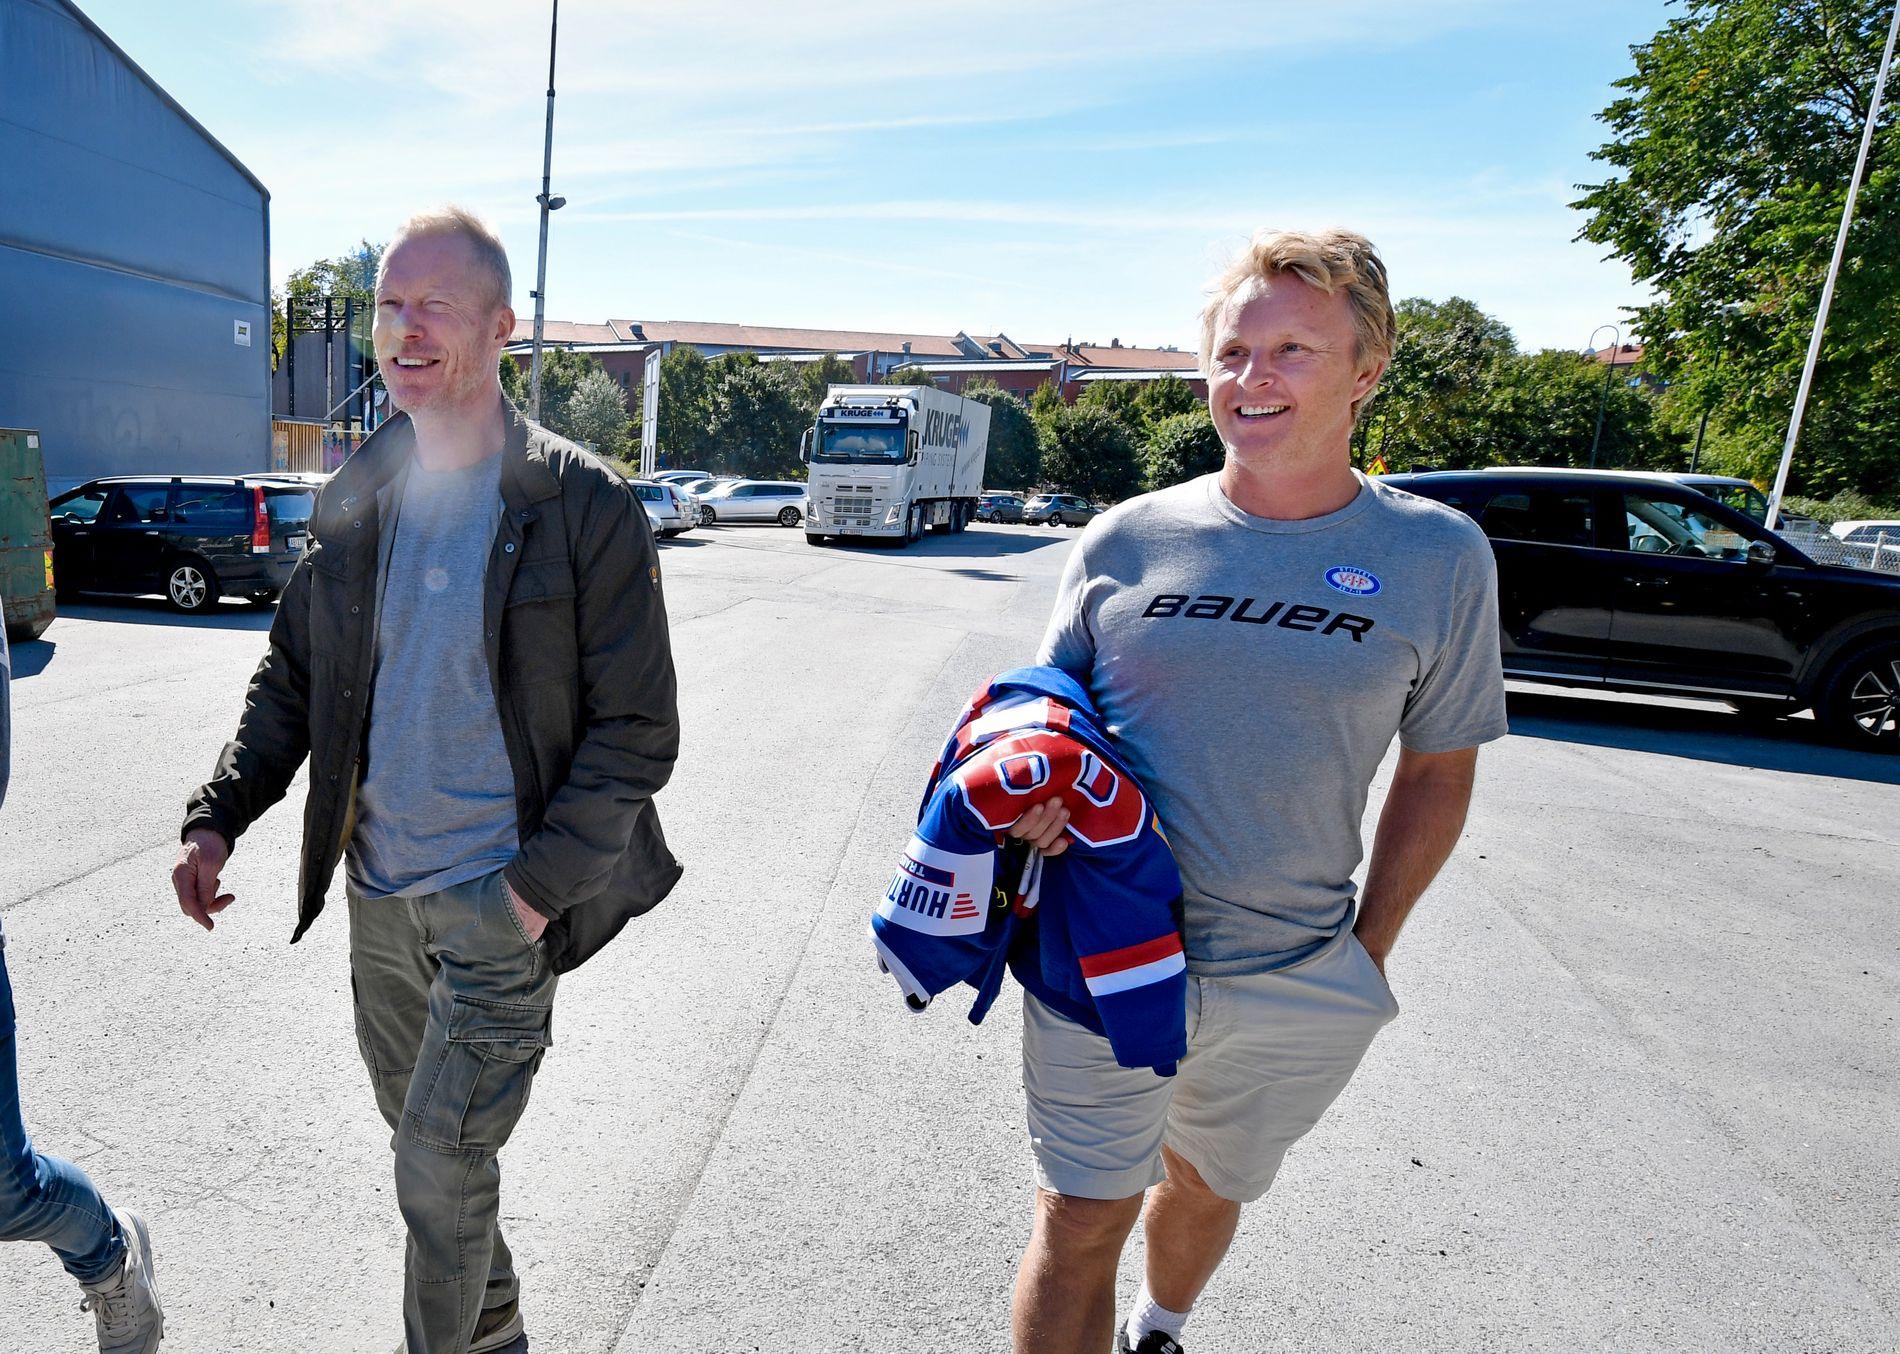 SNART START: Vålerengas trener Roy Johansen (t.v.) og sportssjef Espen «Shampo» Knutsen måtte lede sitt Get-liga-lag på hjemmebane på bortebane i Furuset Forum forrige sesong. Nå ser det ut til at de må gjøre det to sesonger til, til og med 2019/20. Bildet er tatt for tre uker siden ved byggeplassen til Nye Jordal Amfi.